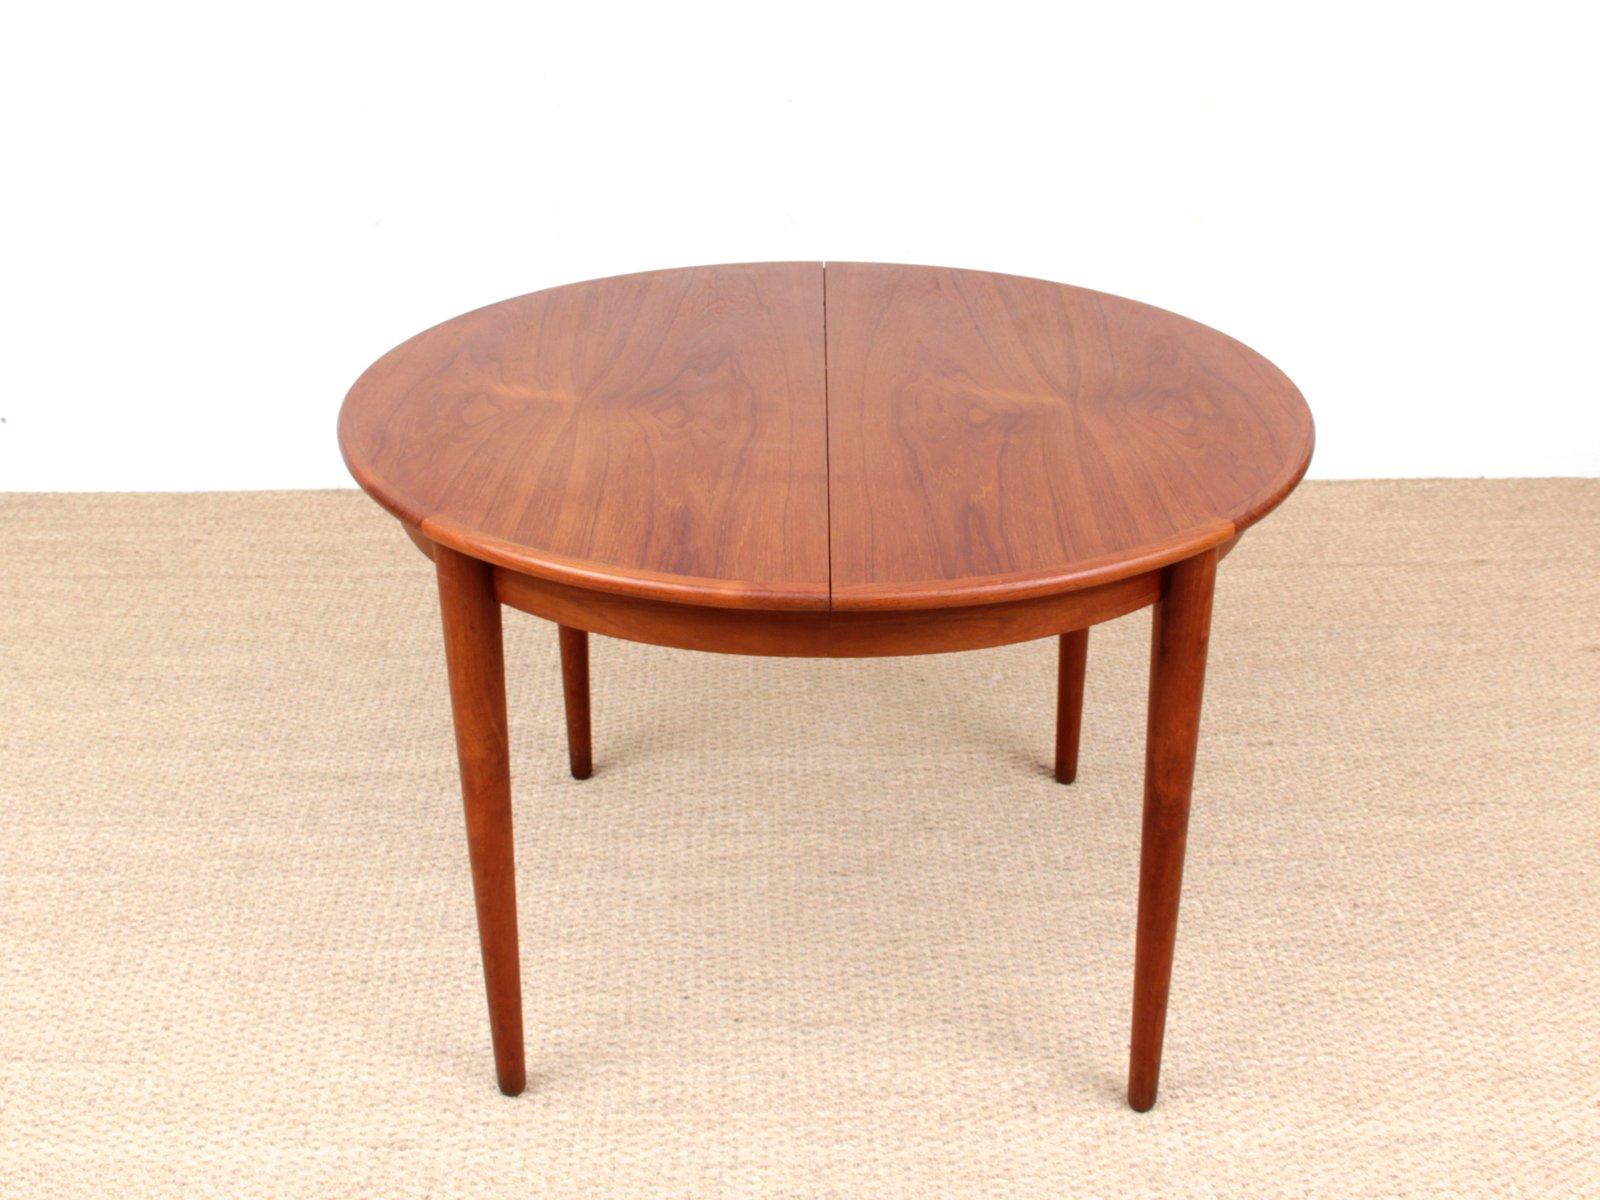 Tavolo da pranzo rotondo in teak, anni \'50 in vendita su Pamono